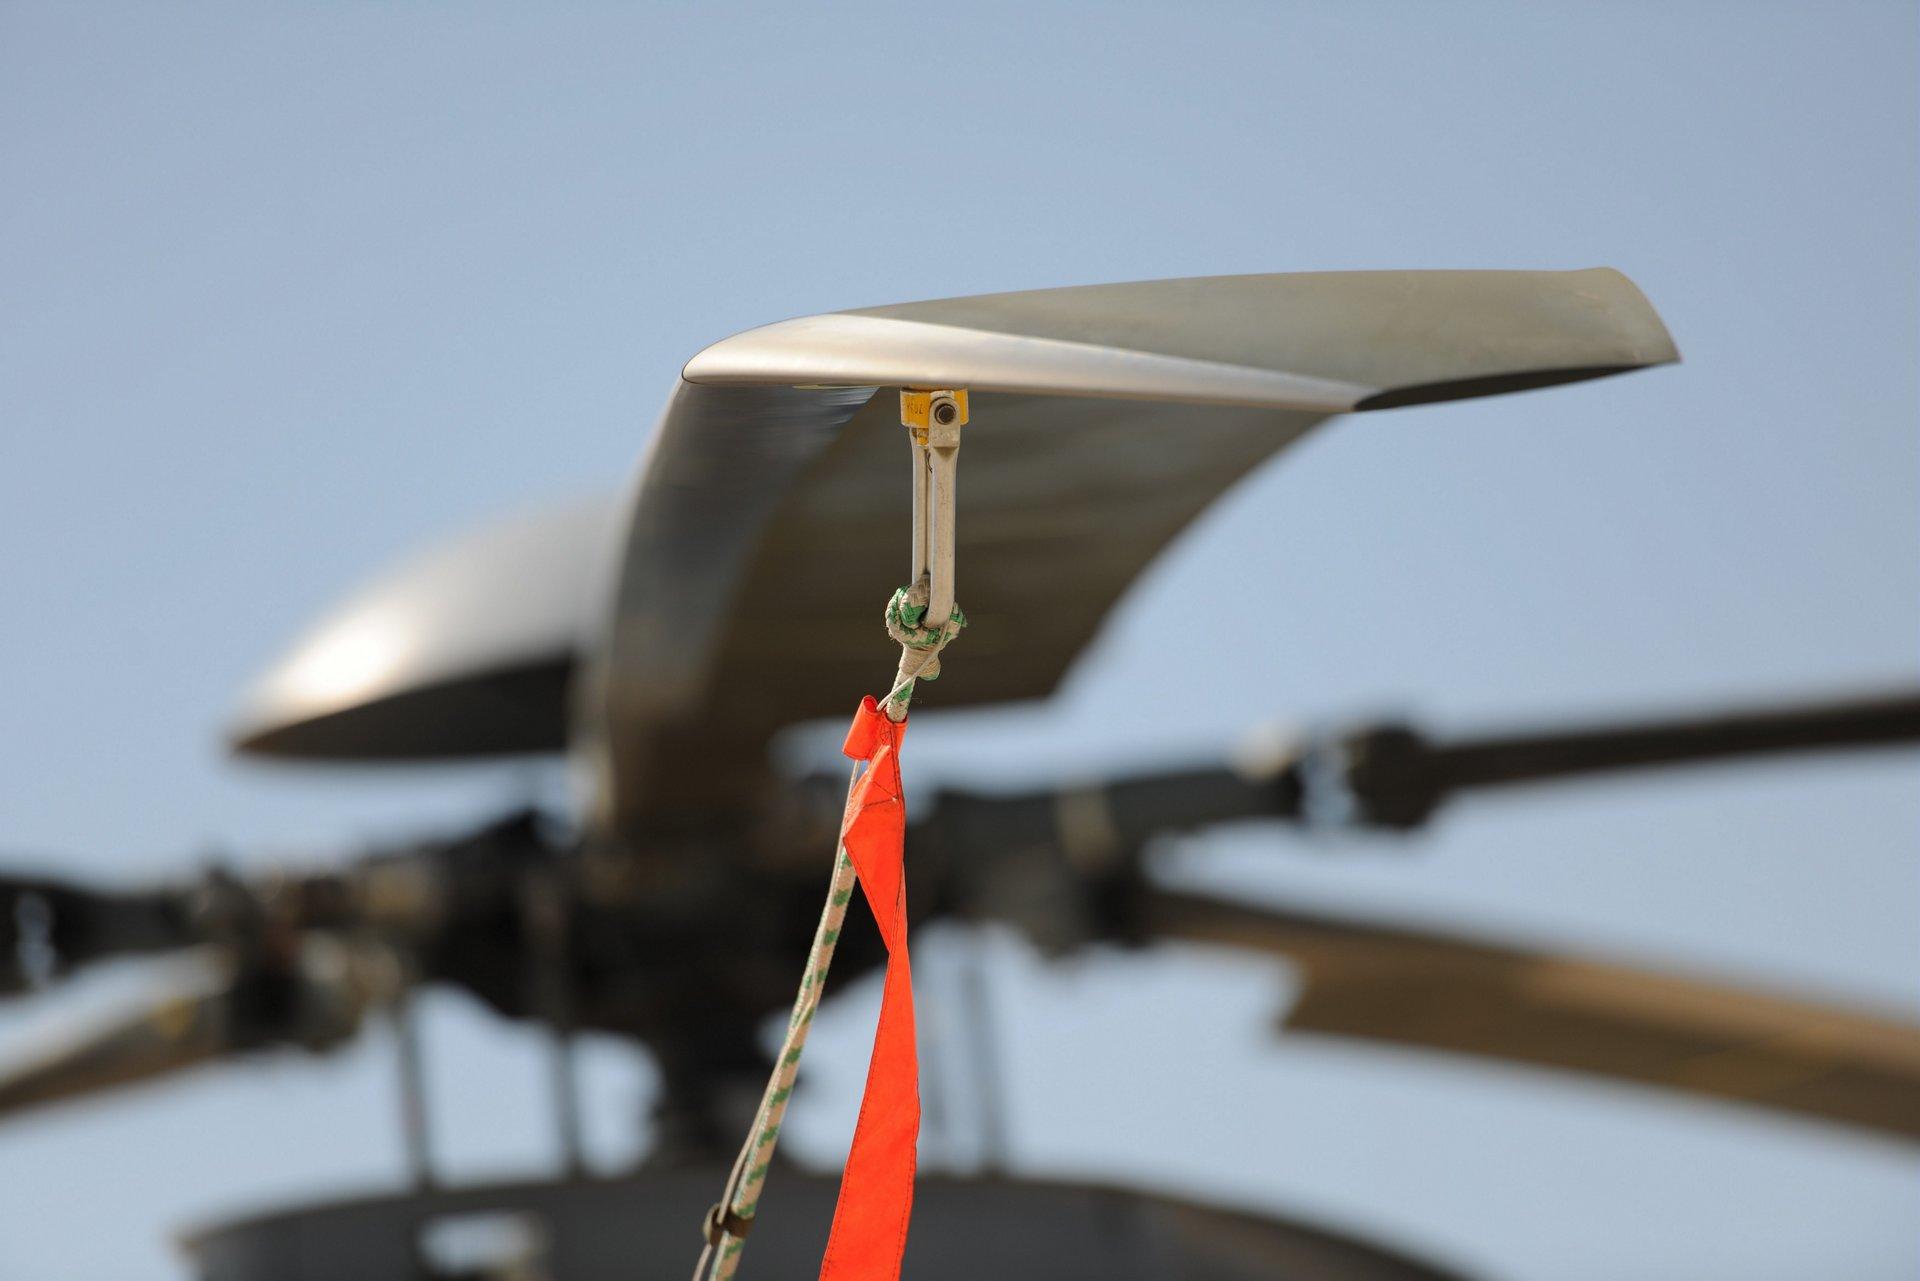 Main Rotor Blade Repair